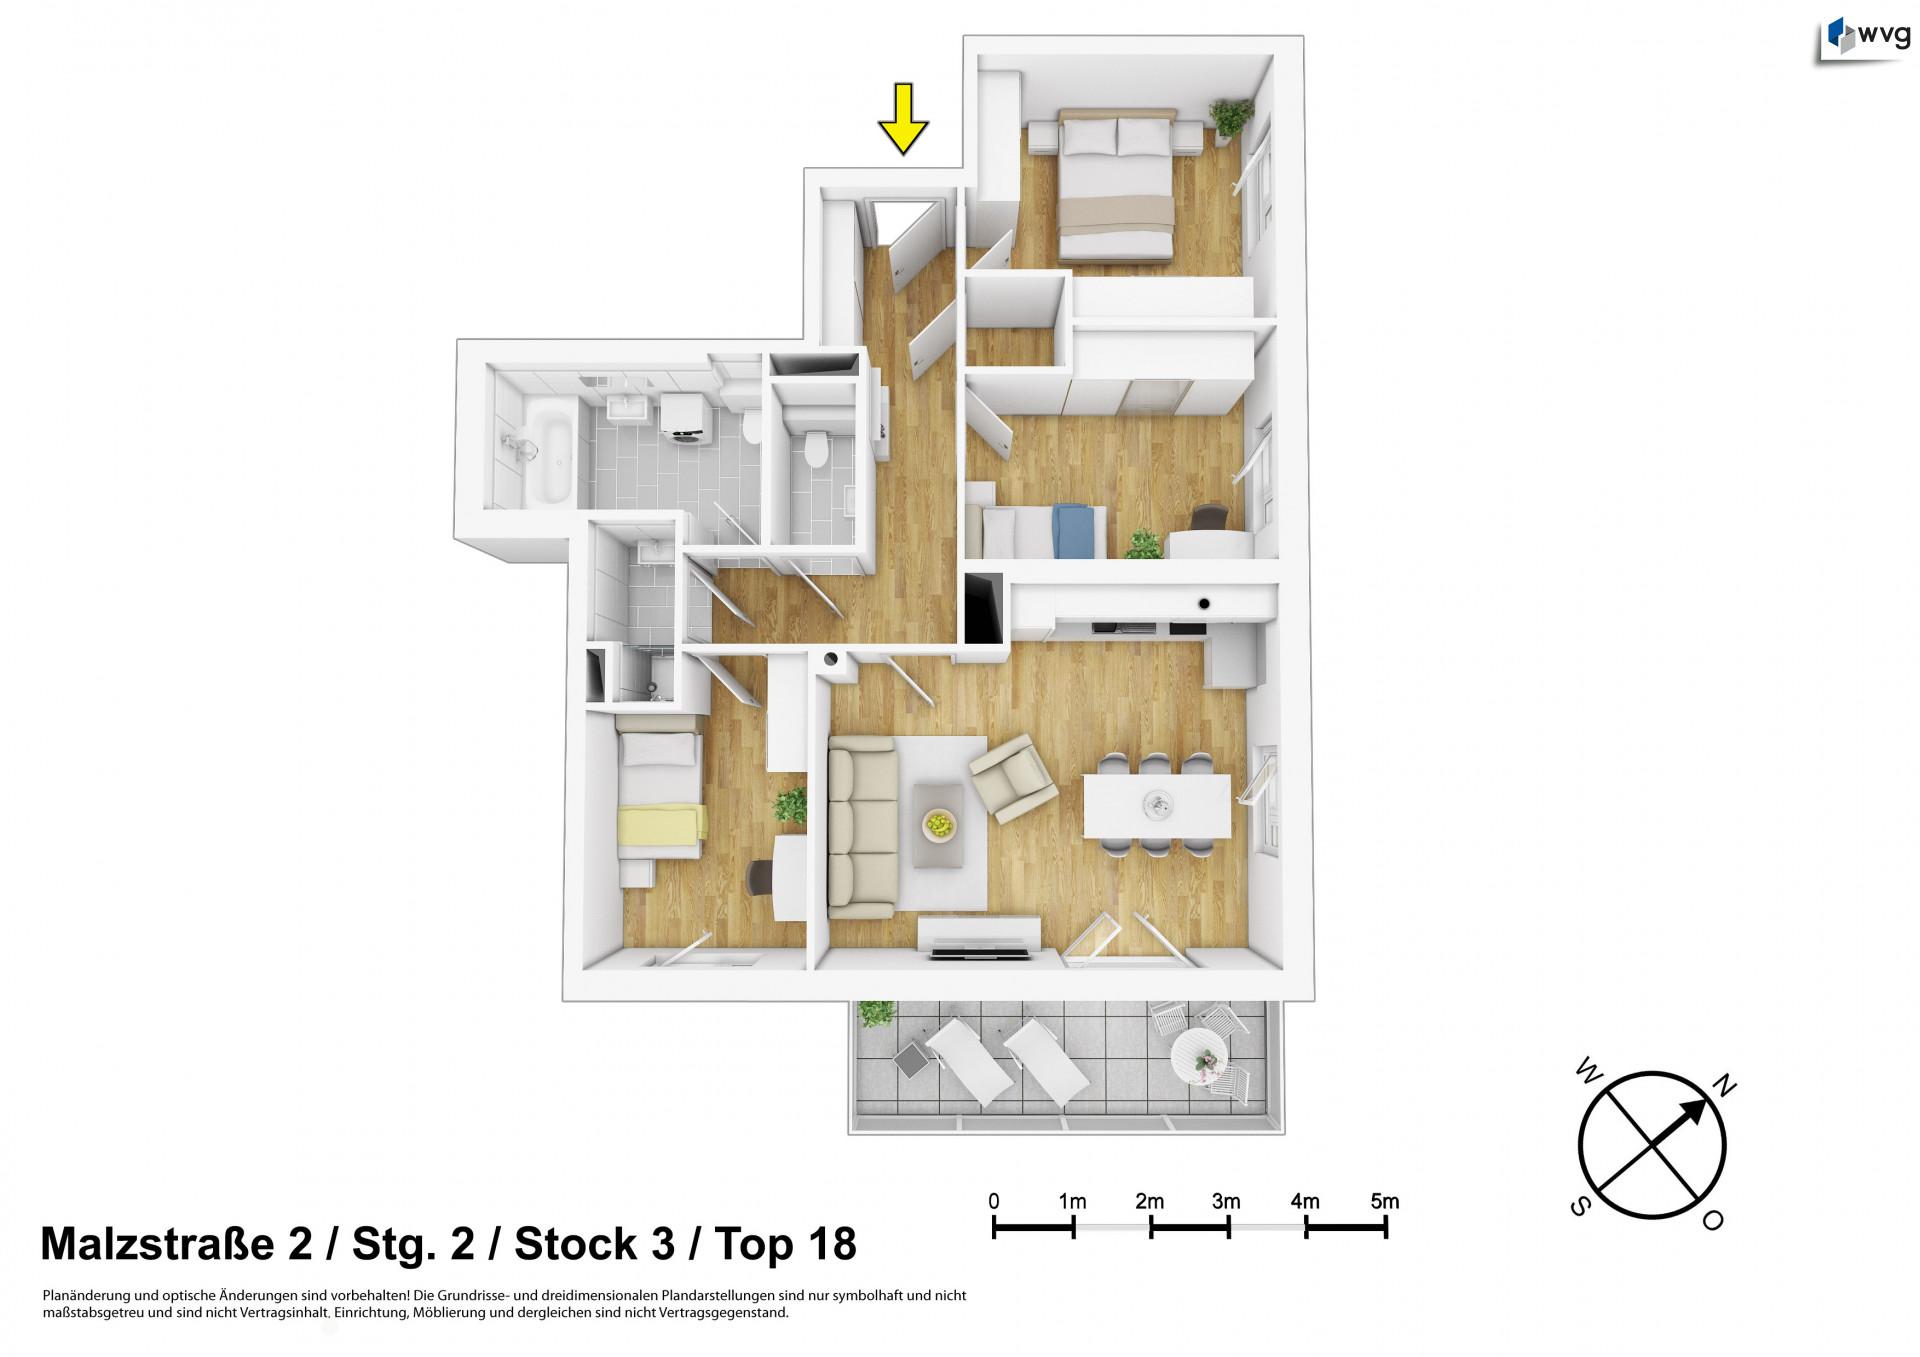 2 zimmer wohnung kauf nieder sterreich eigentumswohnung. Black Bedroom Furniture Sets. Home Design Ideas